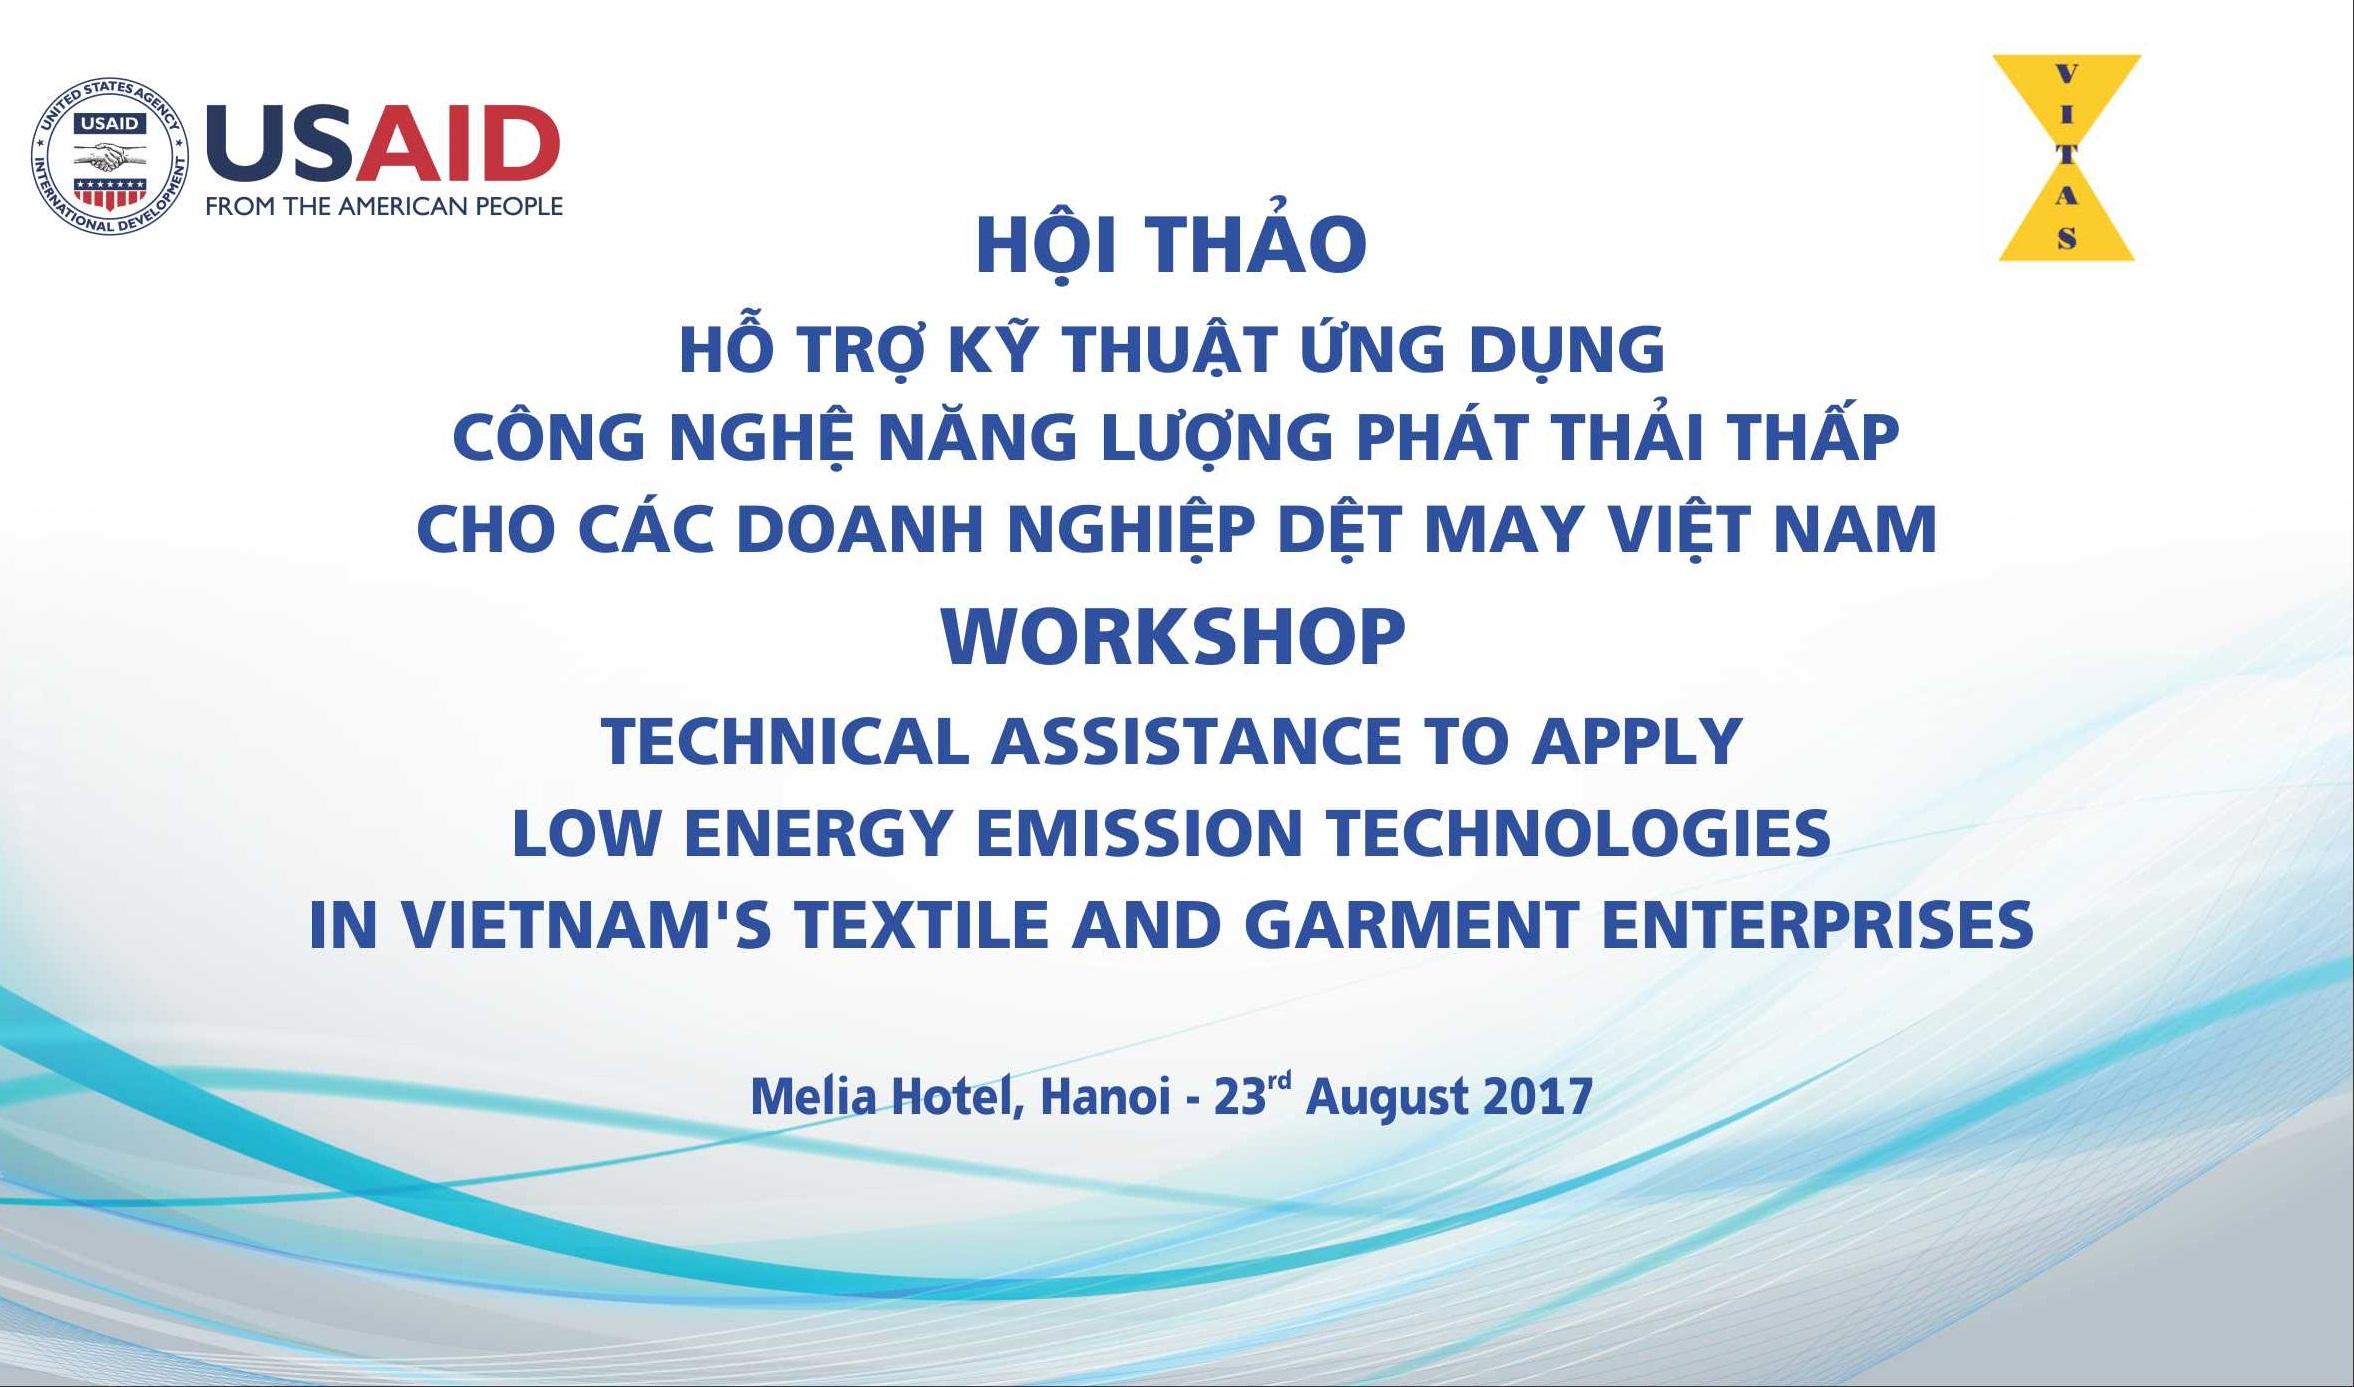 """Mời tham dự Hội thảo """"Hỗ trợ kỹ thuật ứng dụng công nghệ năng lượng phát thải thấp cho các doanh nghiệp dệt may Việt Nam"""""""